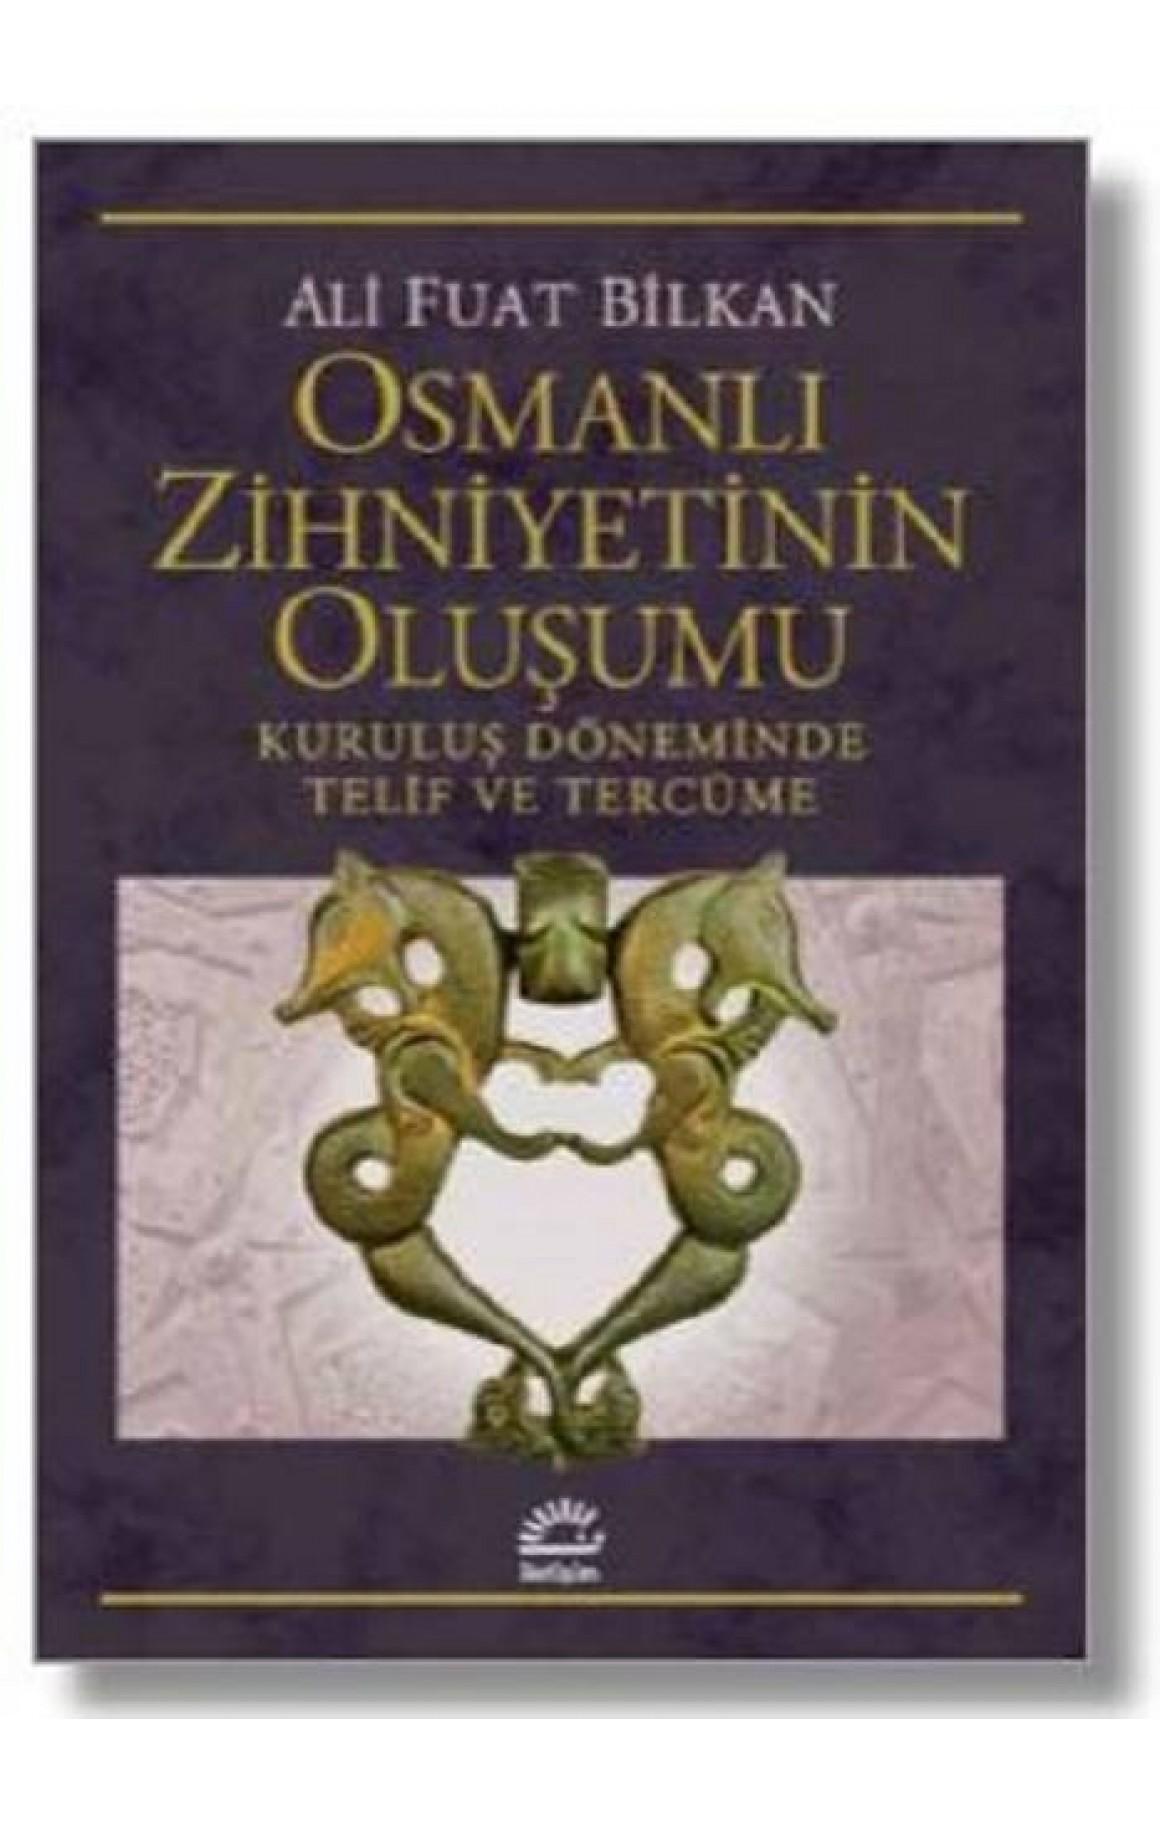 Osmanlı Zihniyetinin Oluşumu-Kuruluş Döneminde Telif ve Tercüme